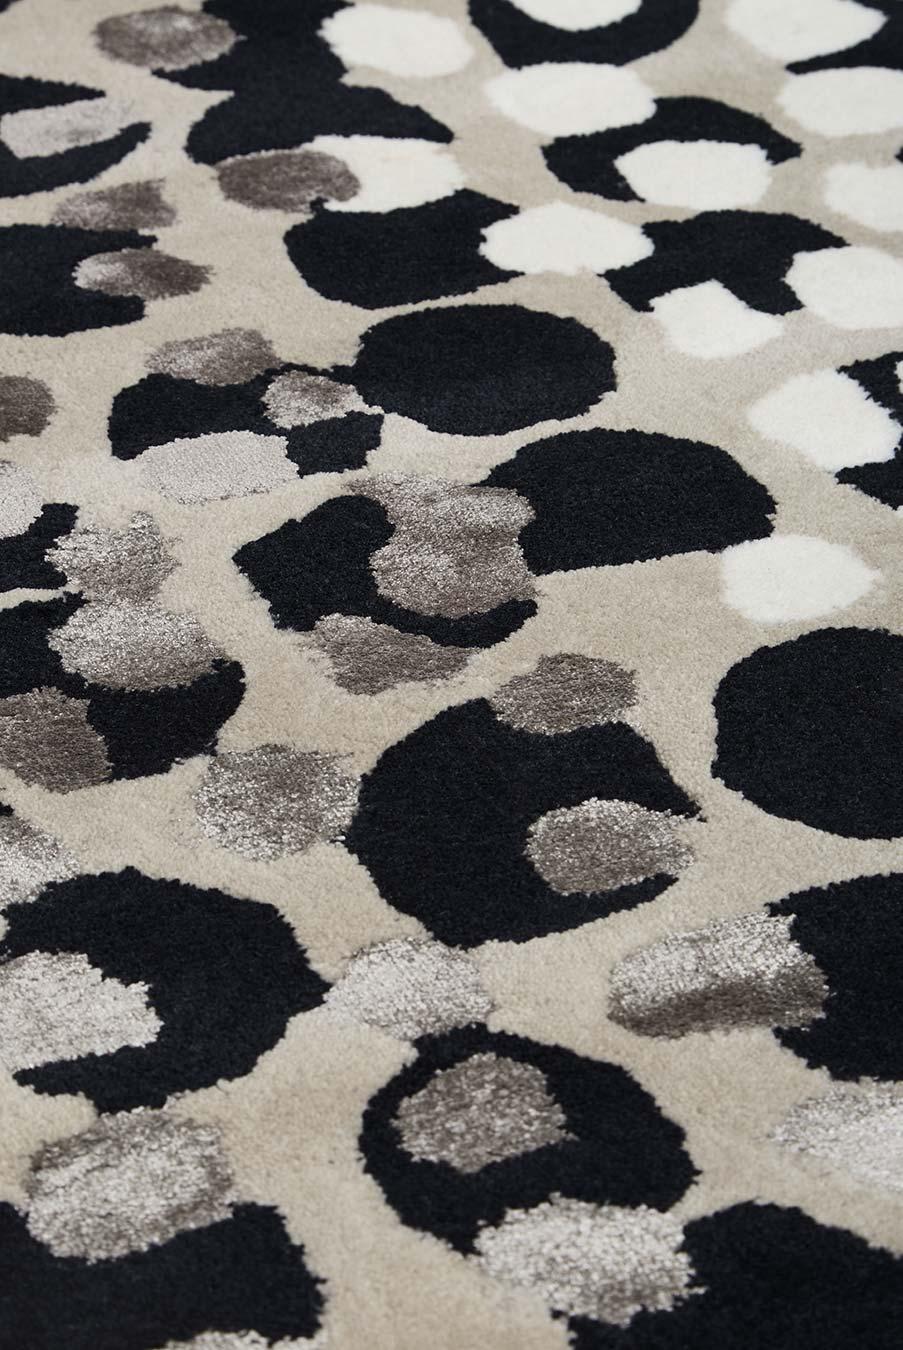 Detailed image of painterly Kusama rug